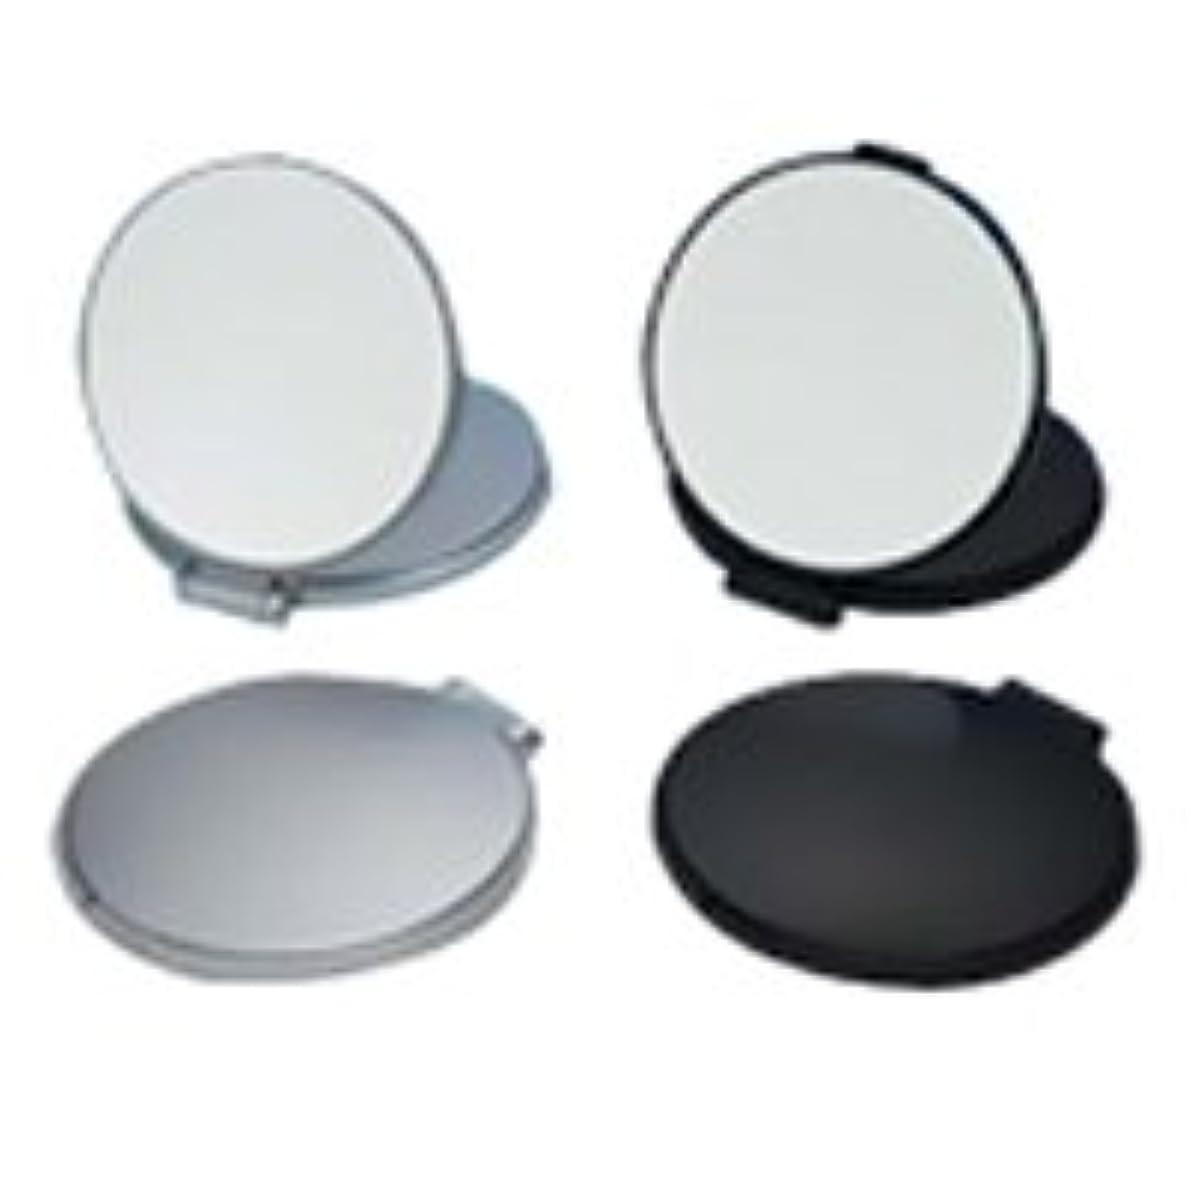 含める閉じる海コンパクトミラー 拡大鏡 メイク 拡大ミラー ナピュアミラー 鏡 リアルズームアップ プラス 両面 5倍 RC-05 堀内鏡工業※このページは「シルバー」のみの販売です◆シルバー